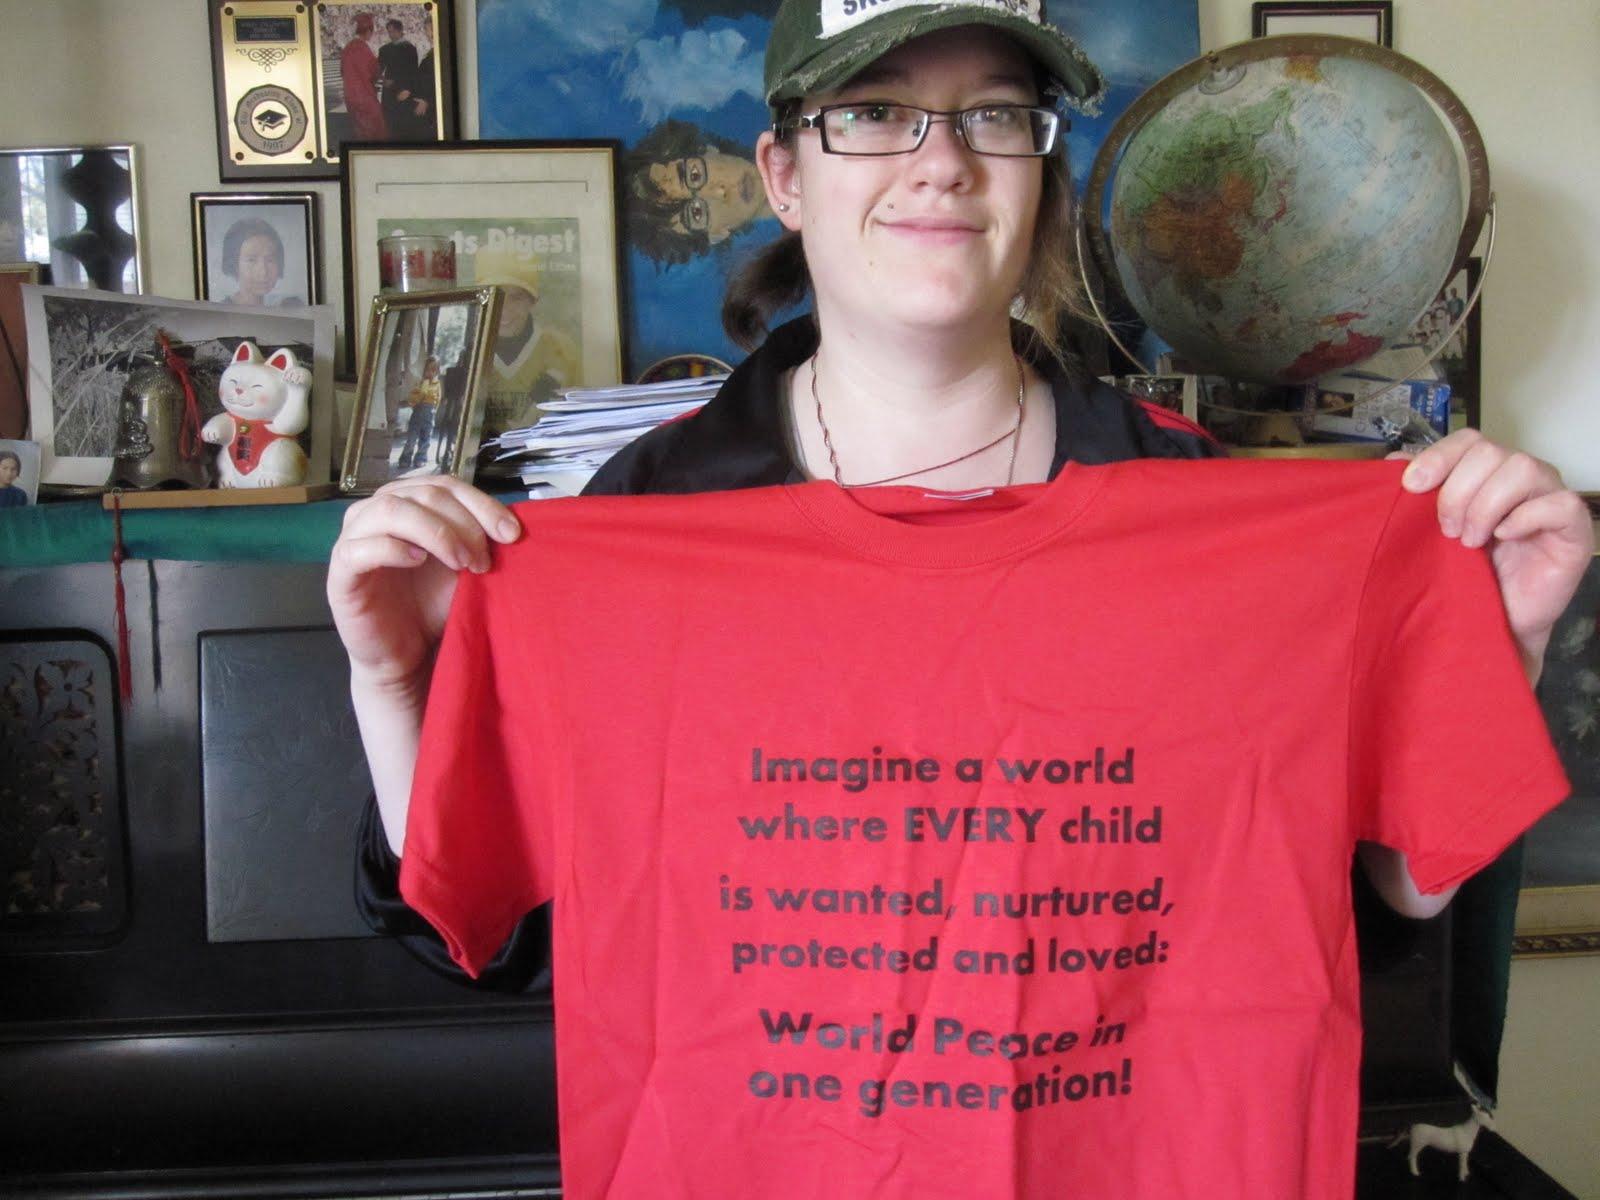 http://3.bp.blogspot.com/-dlHRO-CPqf0/Tae6tLspmQI/AAAAAAAAFI0/iUKwYDK1f3A/s1600/IMG_0041.JPG